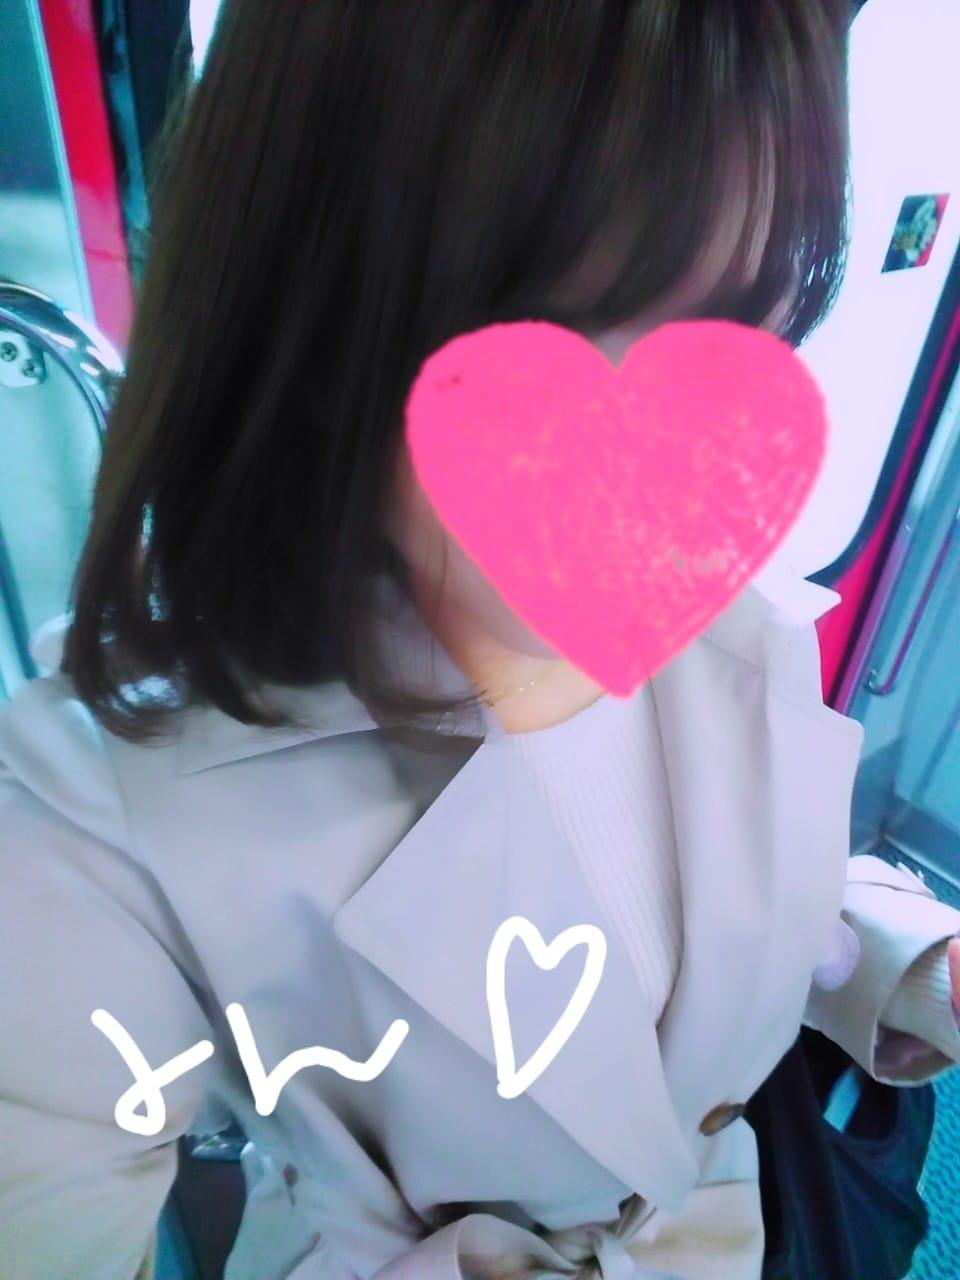 「✿スプリング✿」03/18(日) 11:44 | あんの写メ・風俗動画